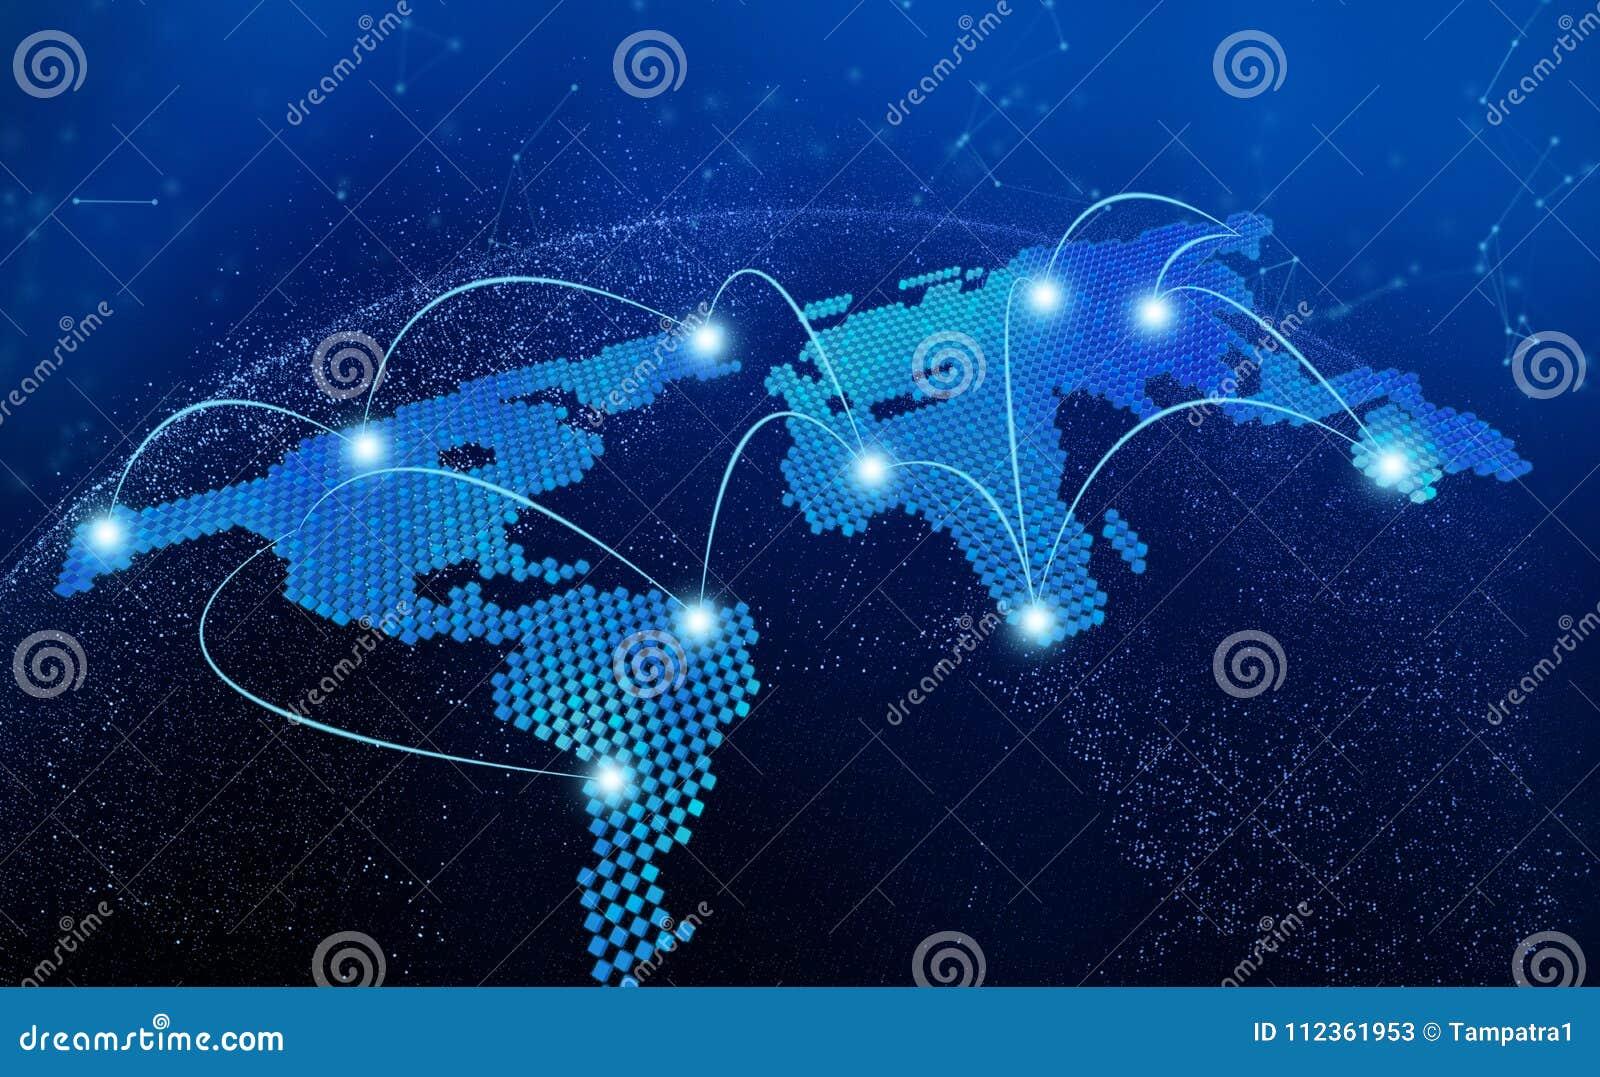 Weltkarte, Verbindung zeichnet im Technologiekonzept, 3d übertragen von